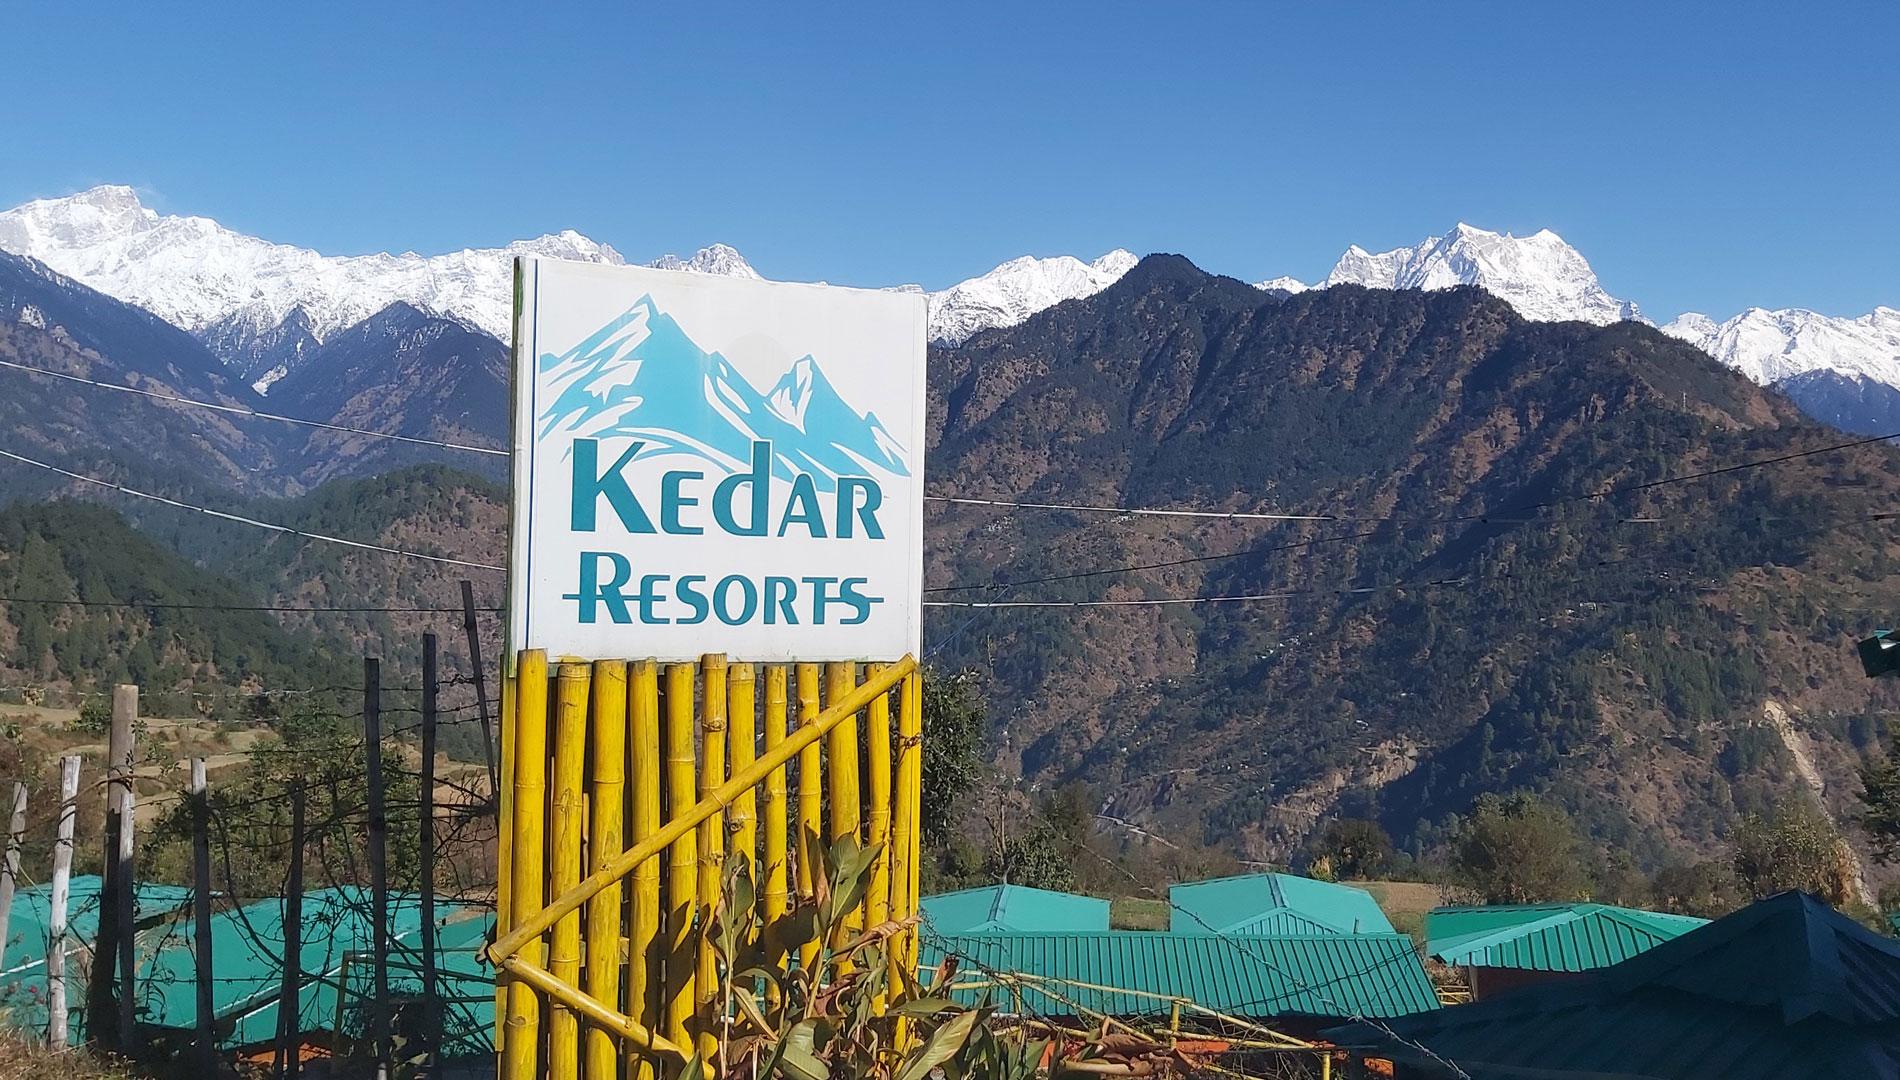 kedar resorts gupkashi